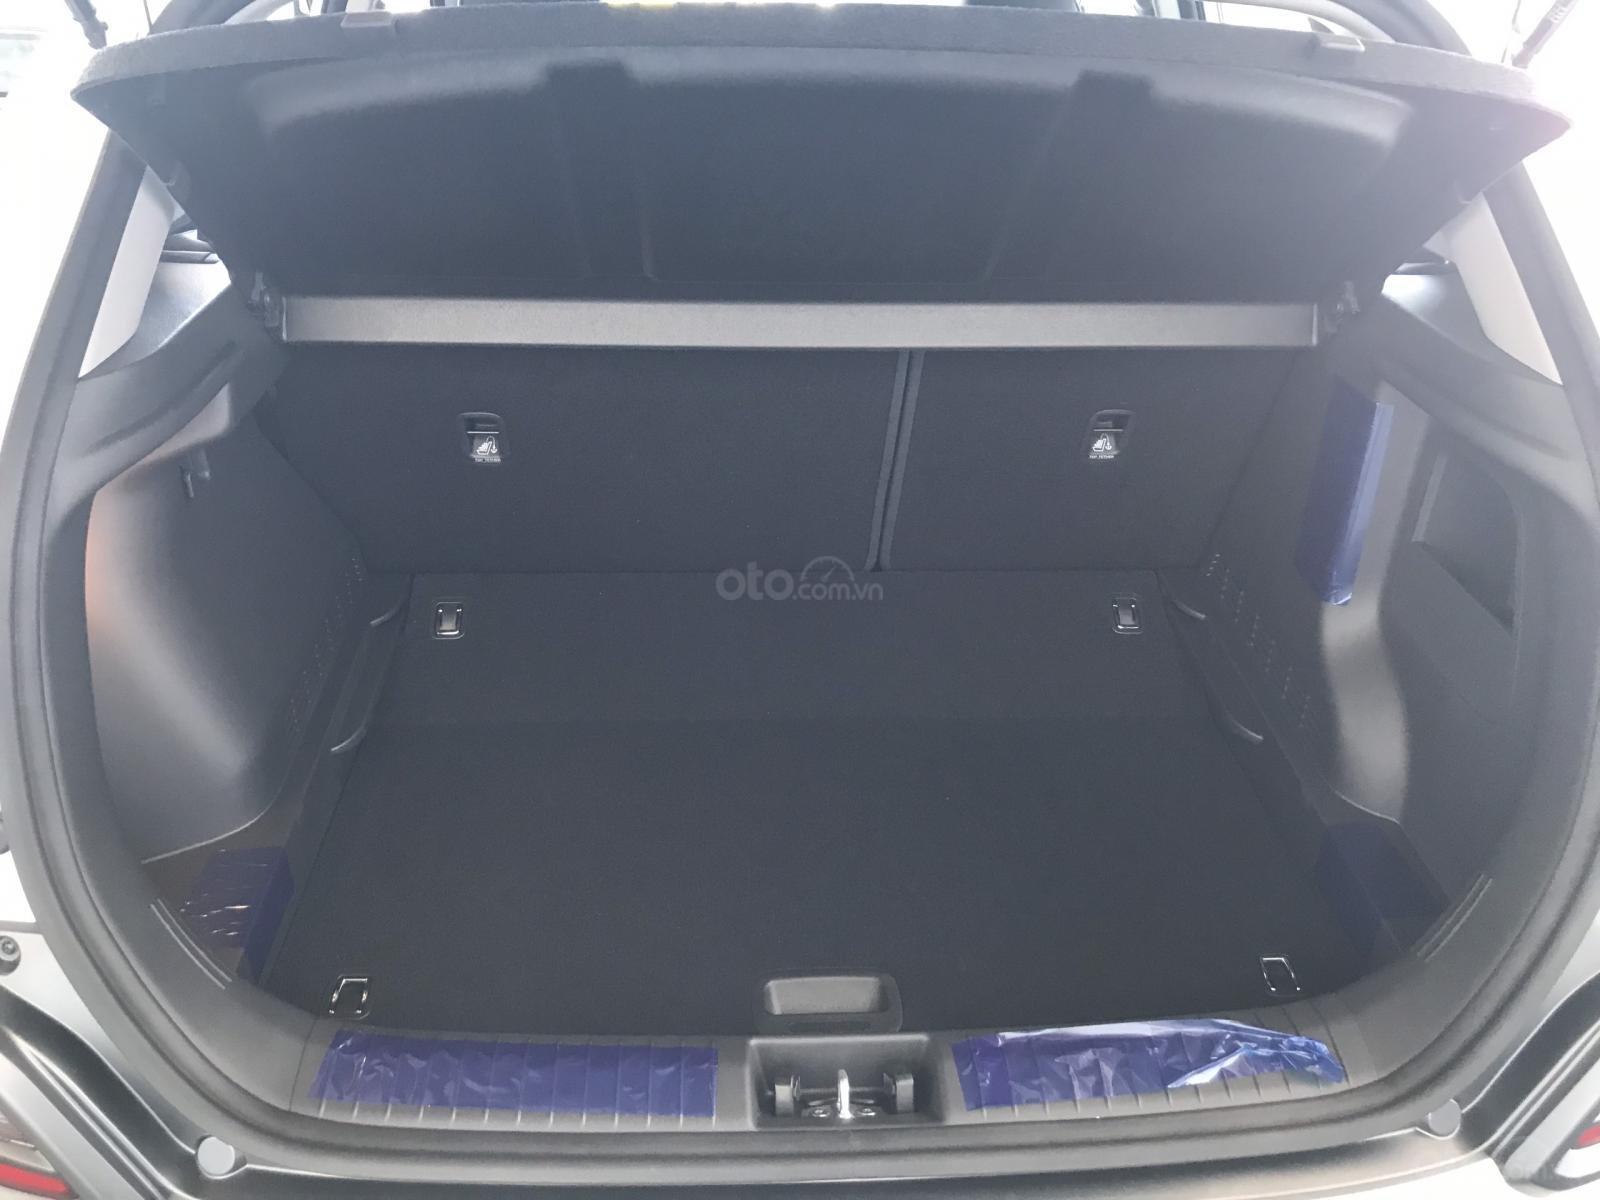 Cần bán Hyundai Kona 2019, tặng ngay 3 món phụ kiện khi đặt cọc xe, liên hệ: 0905976950 (6)